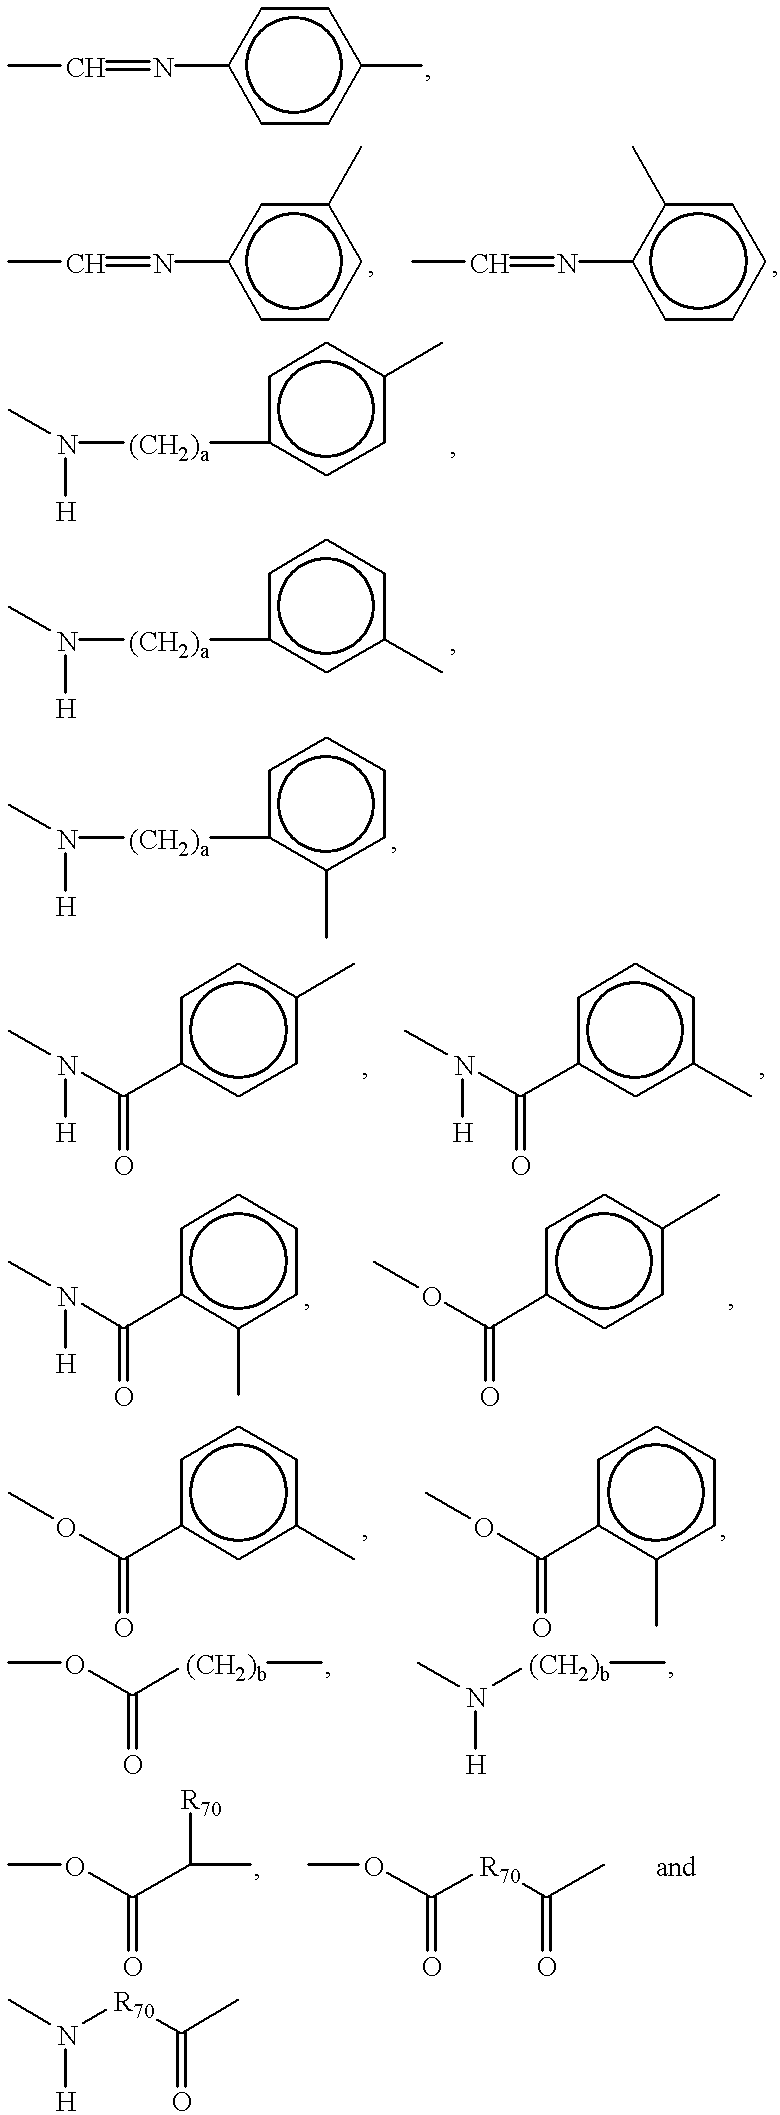 Figure US06207673-20010327-C00011